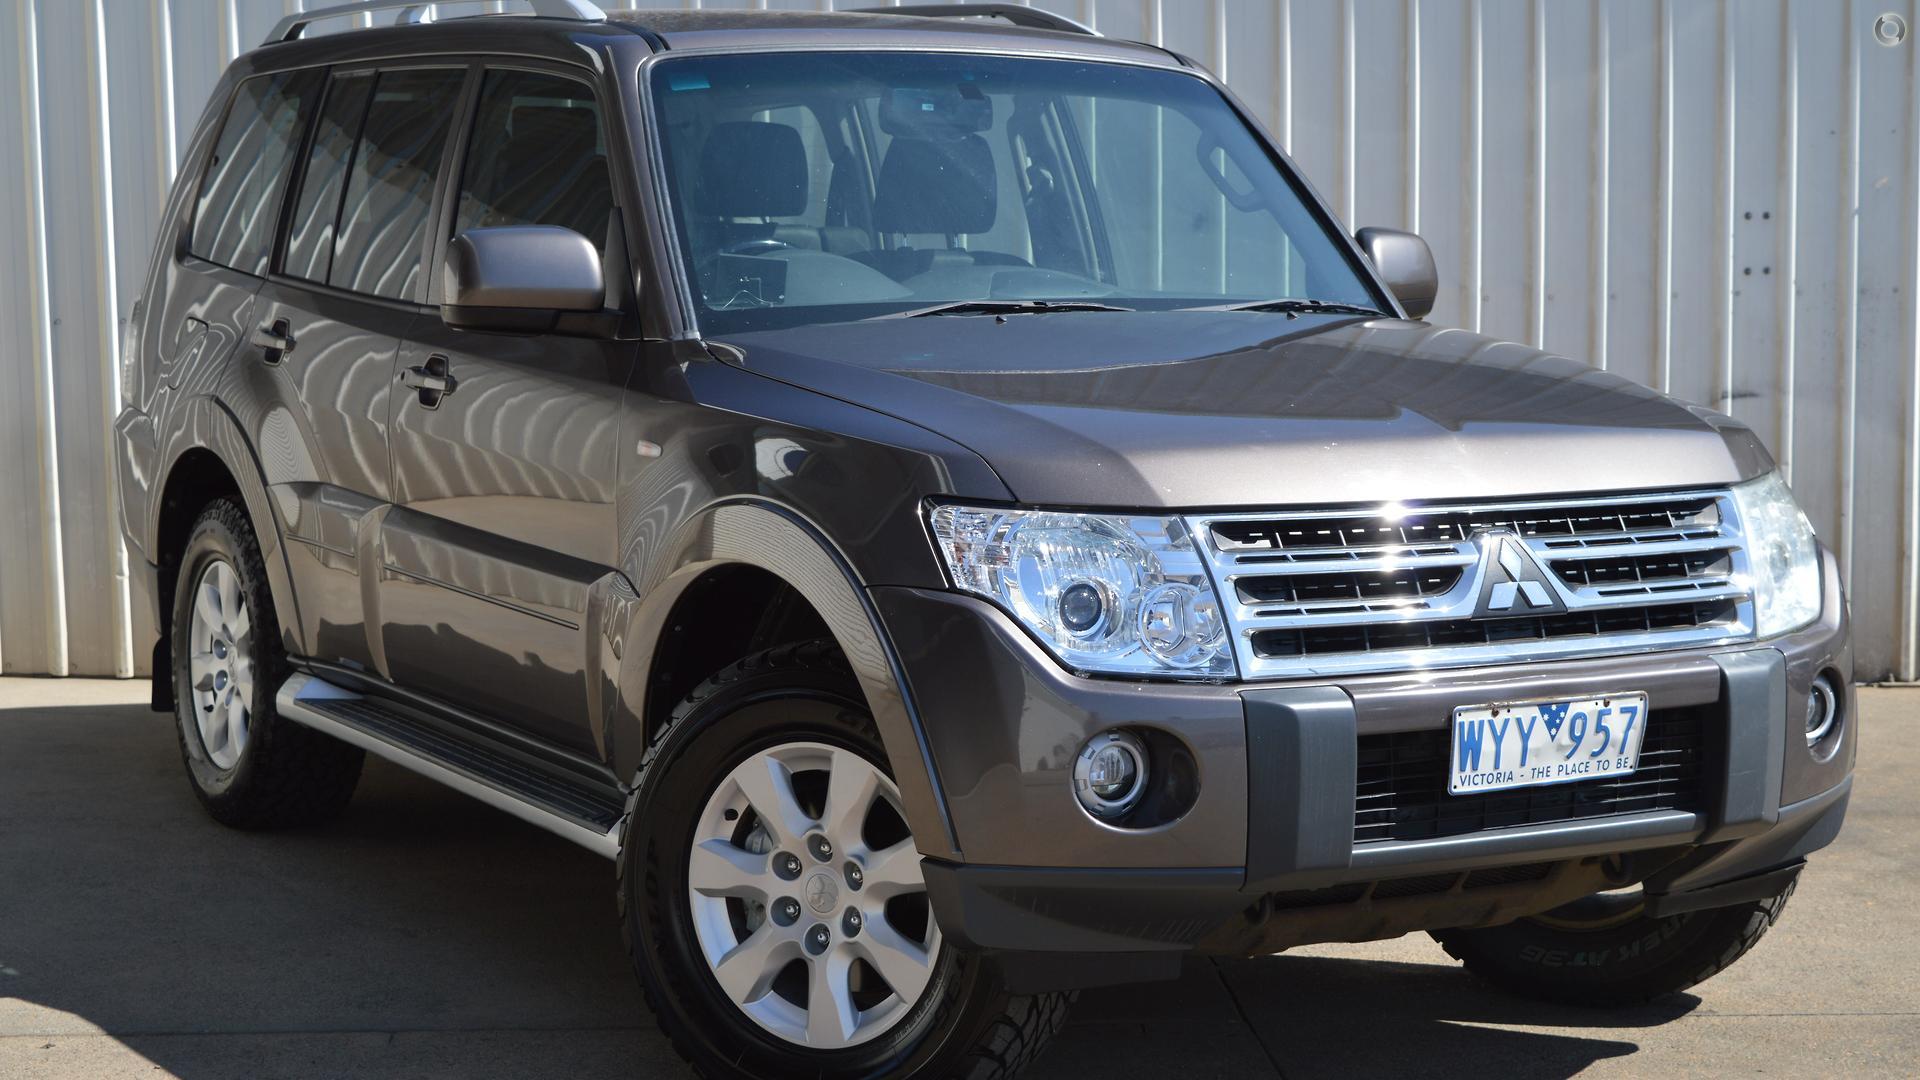 2009 Mitsubishi Pajero NT